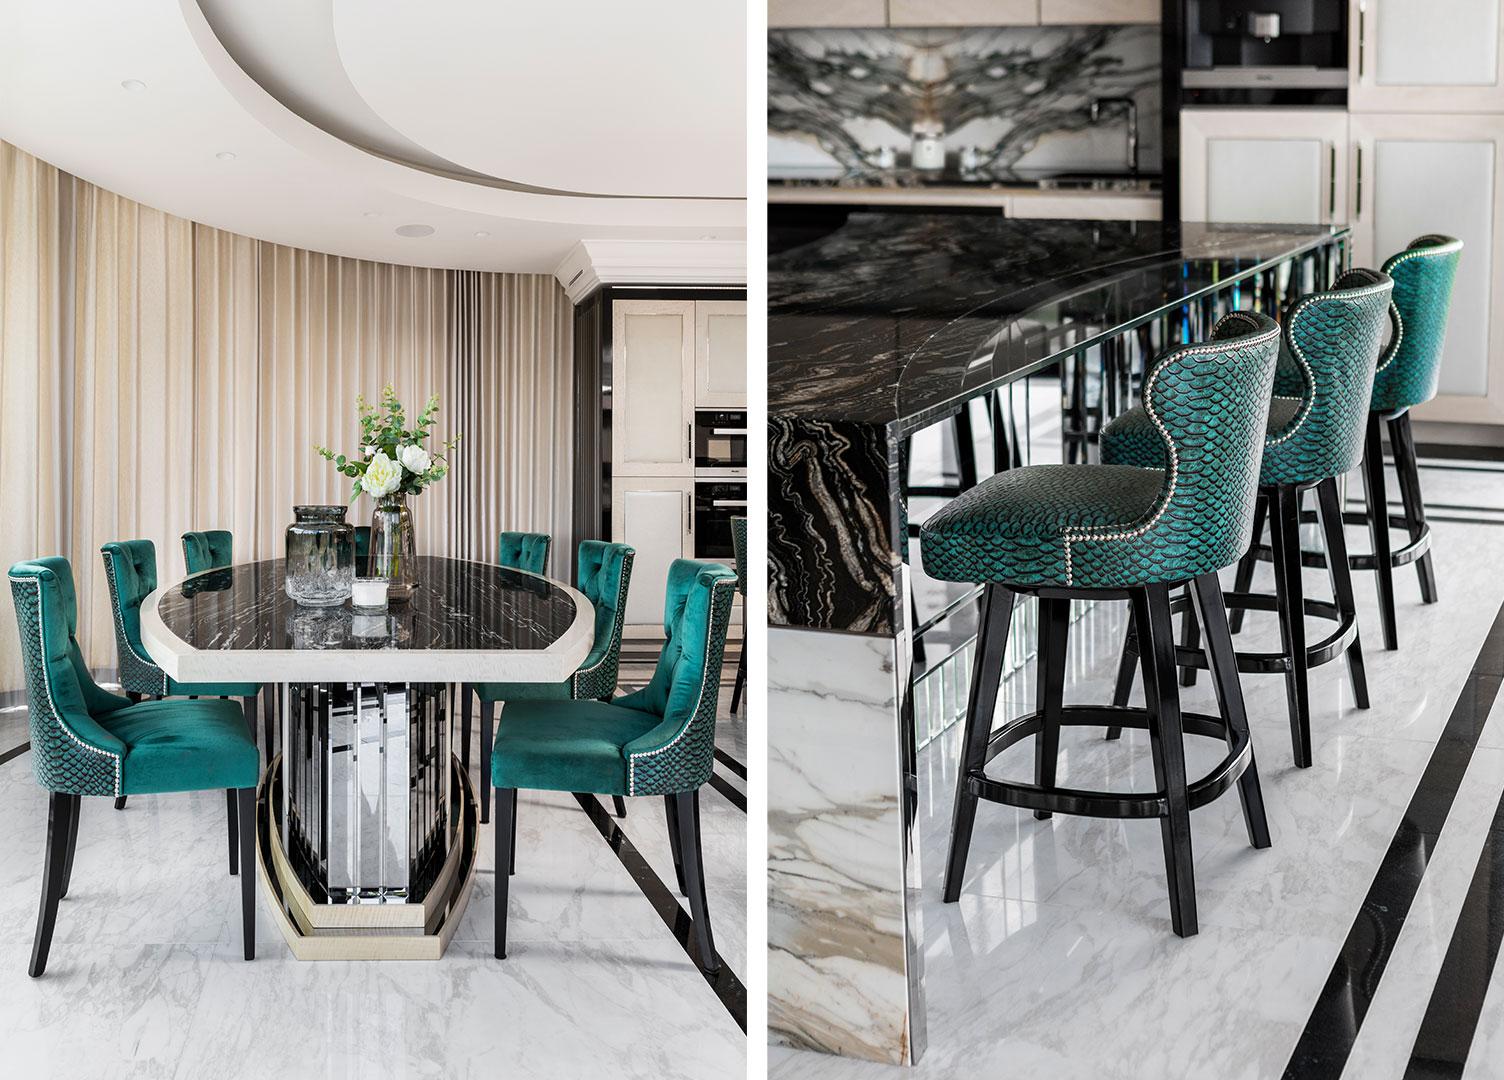 SBID Kitchen Design Awards 2019 Extreme Design